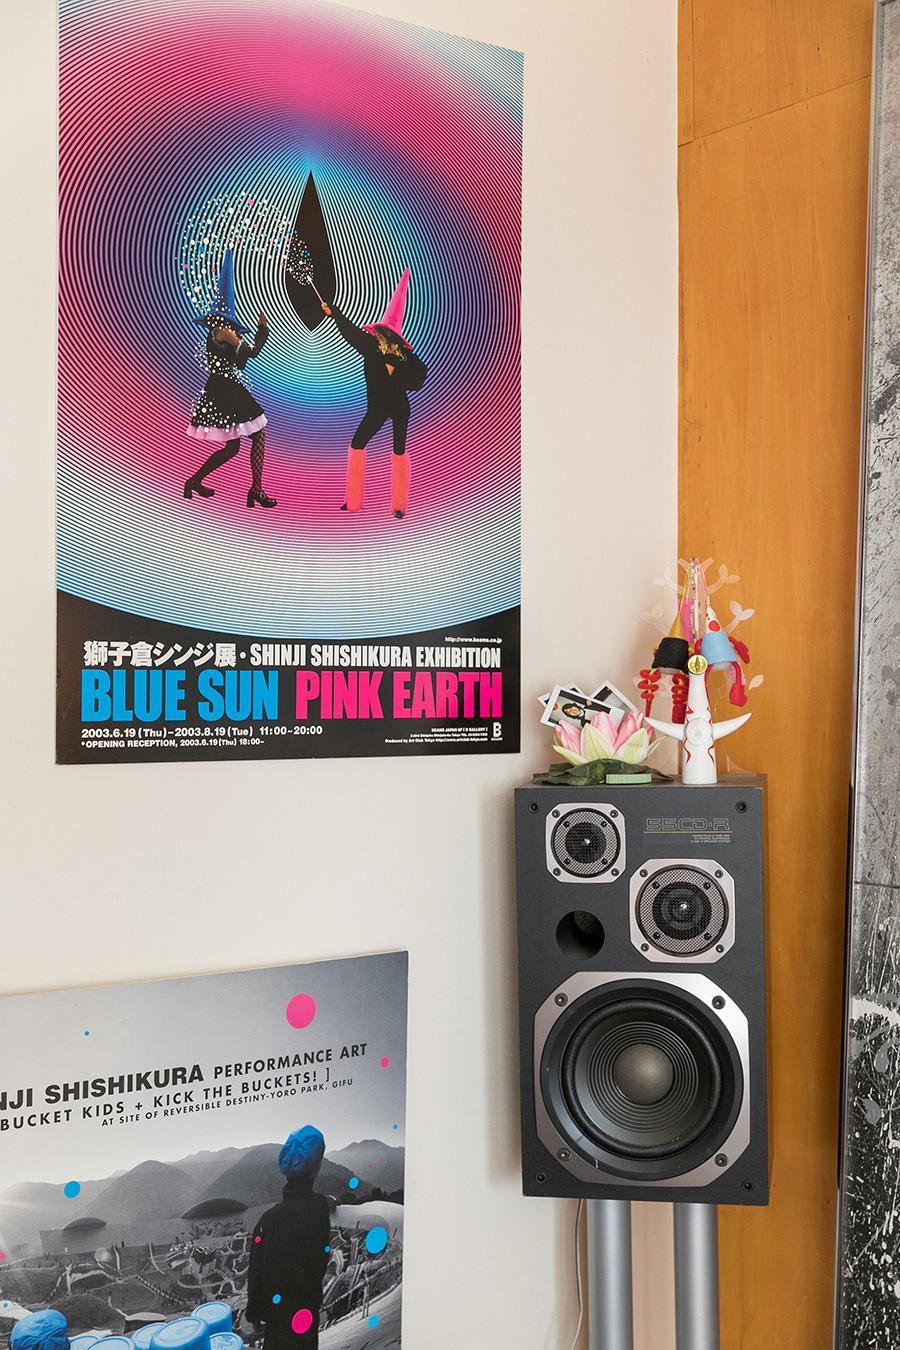 総合プロデューサーとして、告知で使われる個展のポスターやオリジナルグッズなども自身で手掛ける。